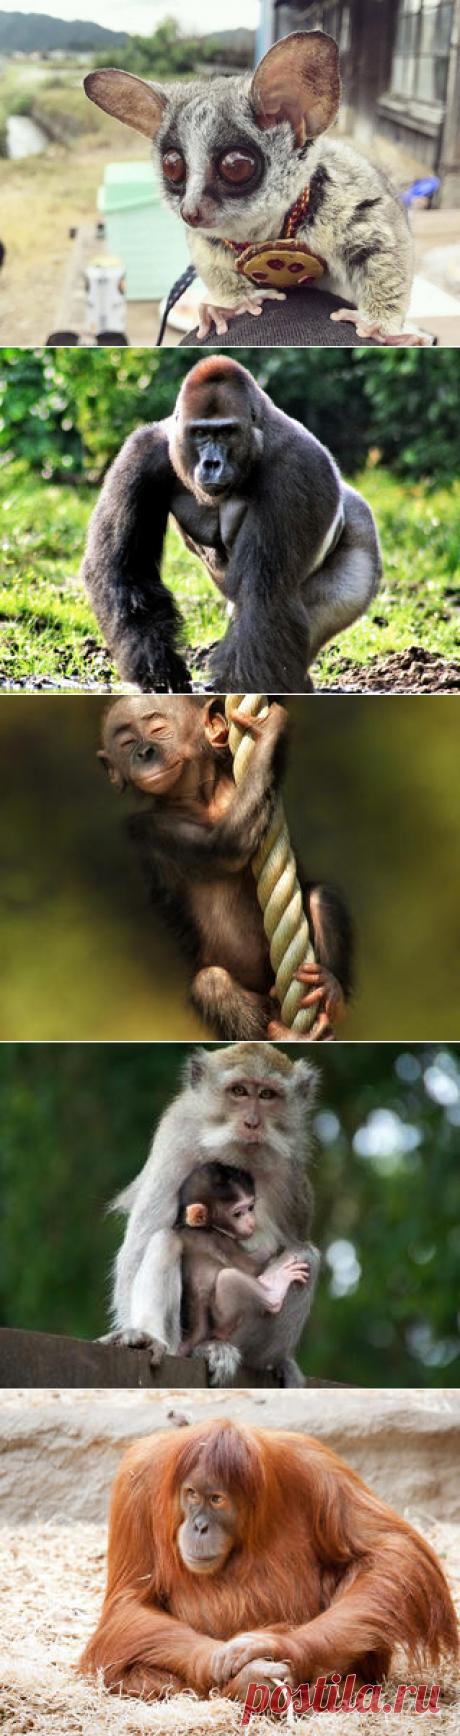 Смотреть изображения обезьян | Зооляндия